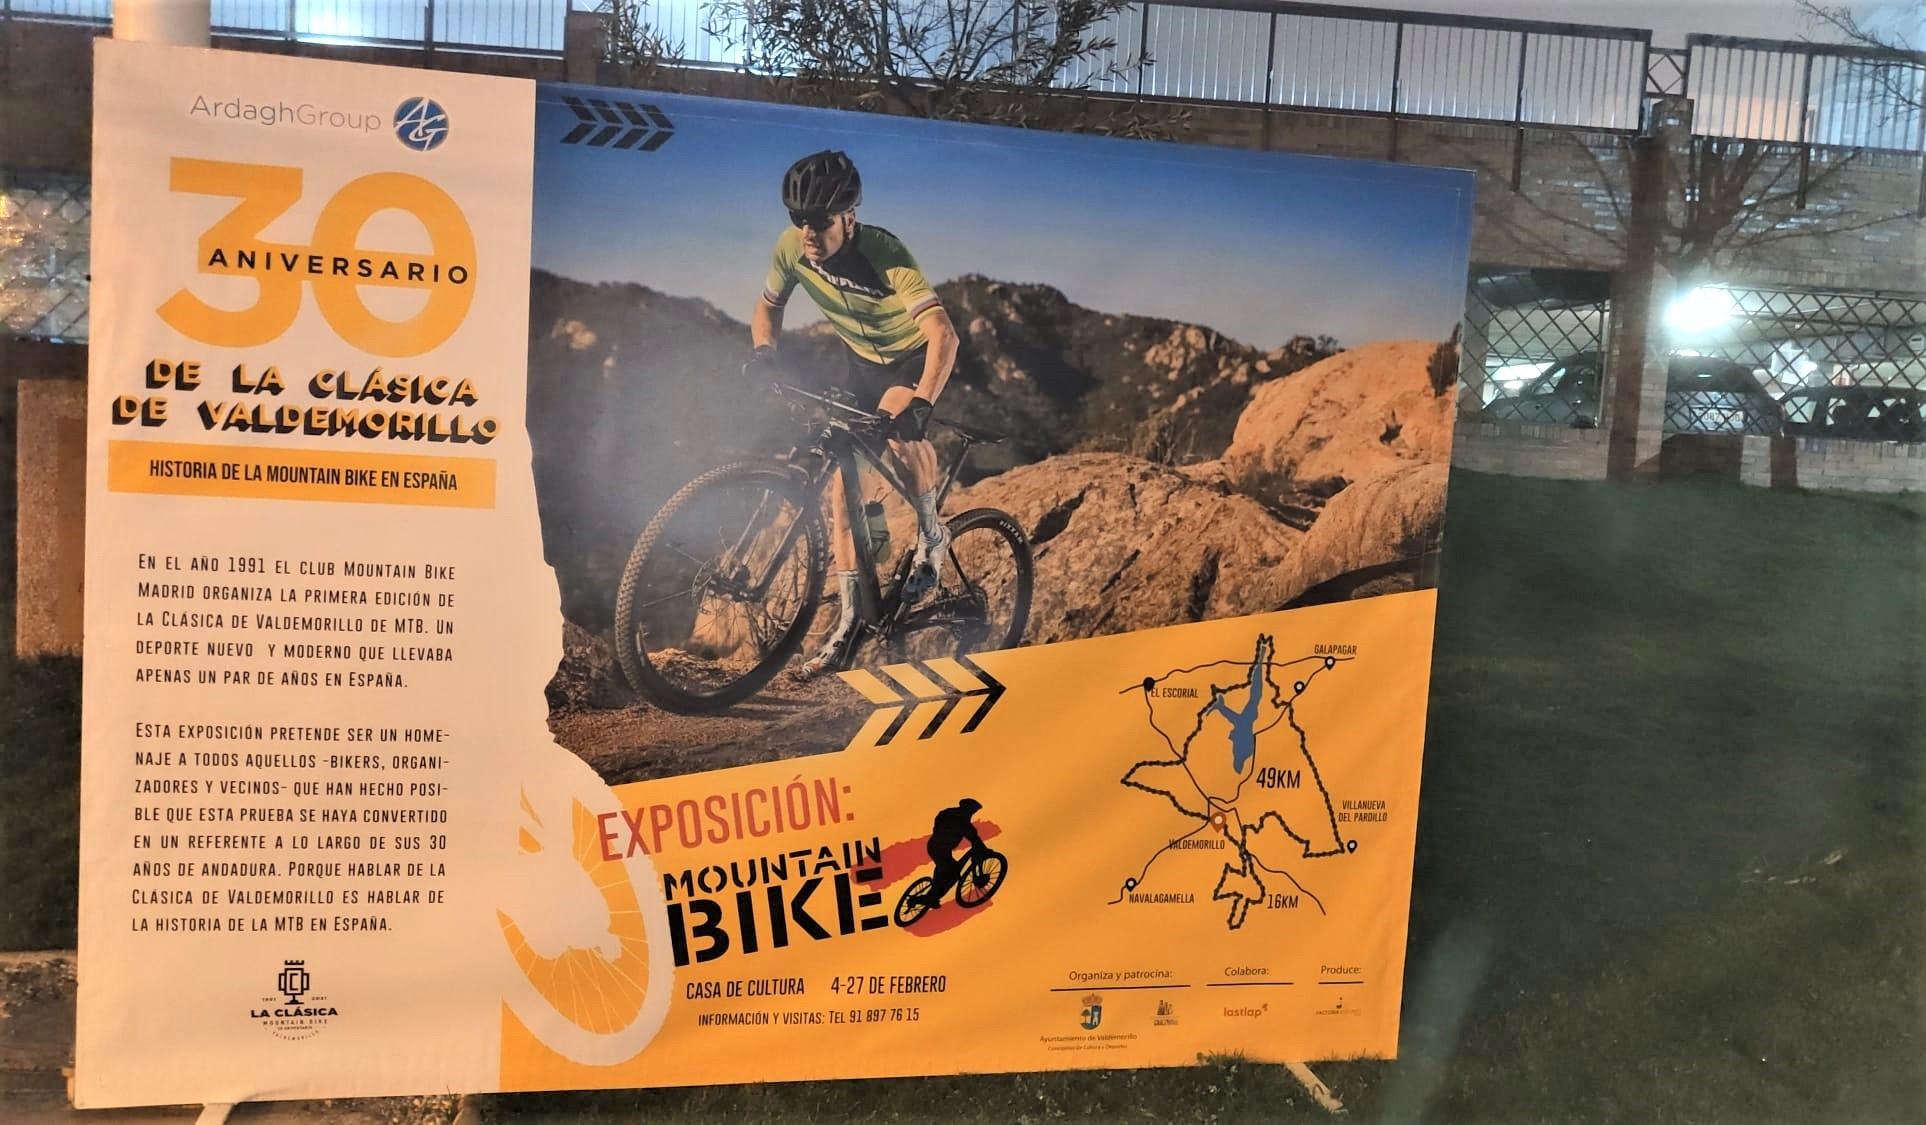 La historia del mountain bike en España se muestra con todos sus detalles y curiosidades  en la gran exposición conmemorativa del  XXX Aniversario de la Clásica de Valdemorillo